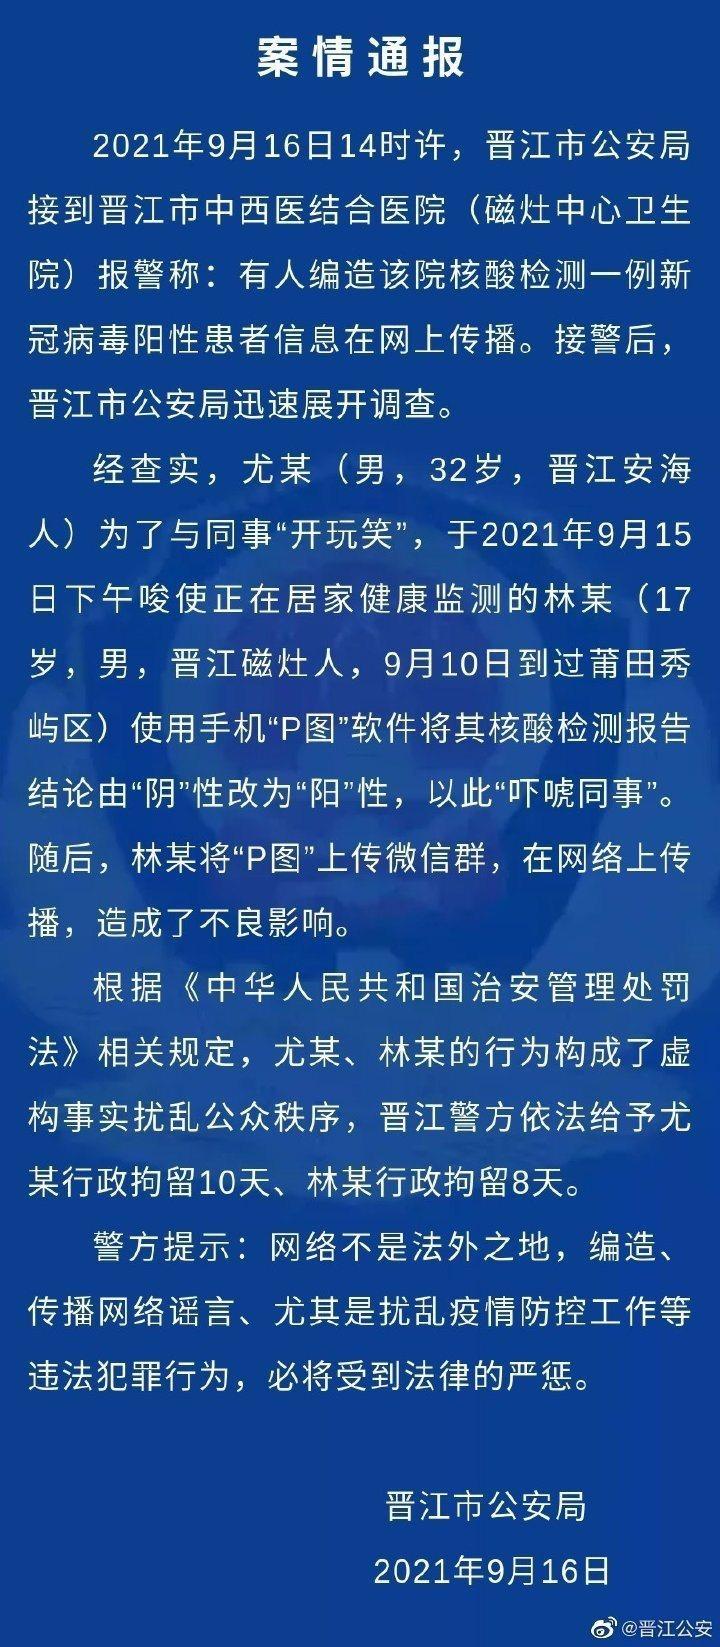 晉江市公安局發布一則竄改新冠檢測疫情的案例。圖/晉江公安微博